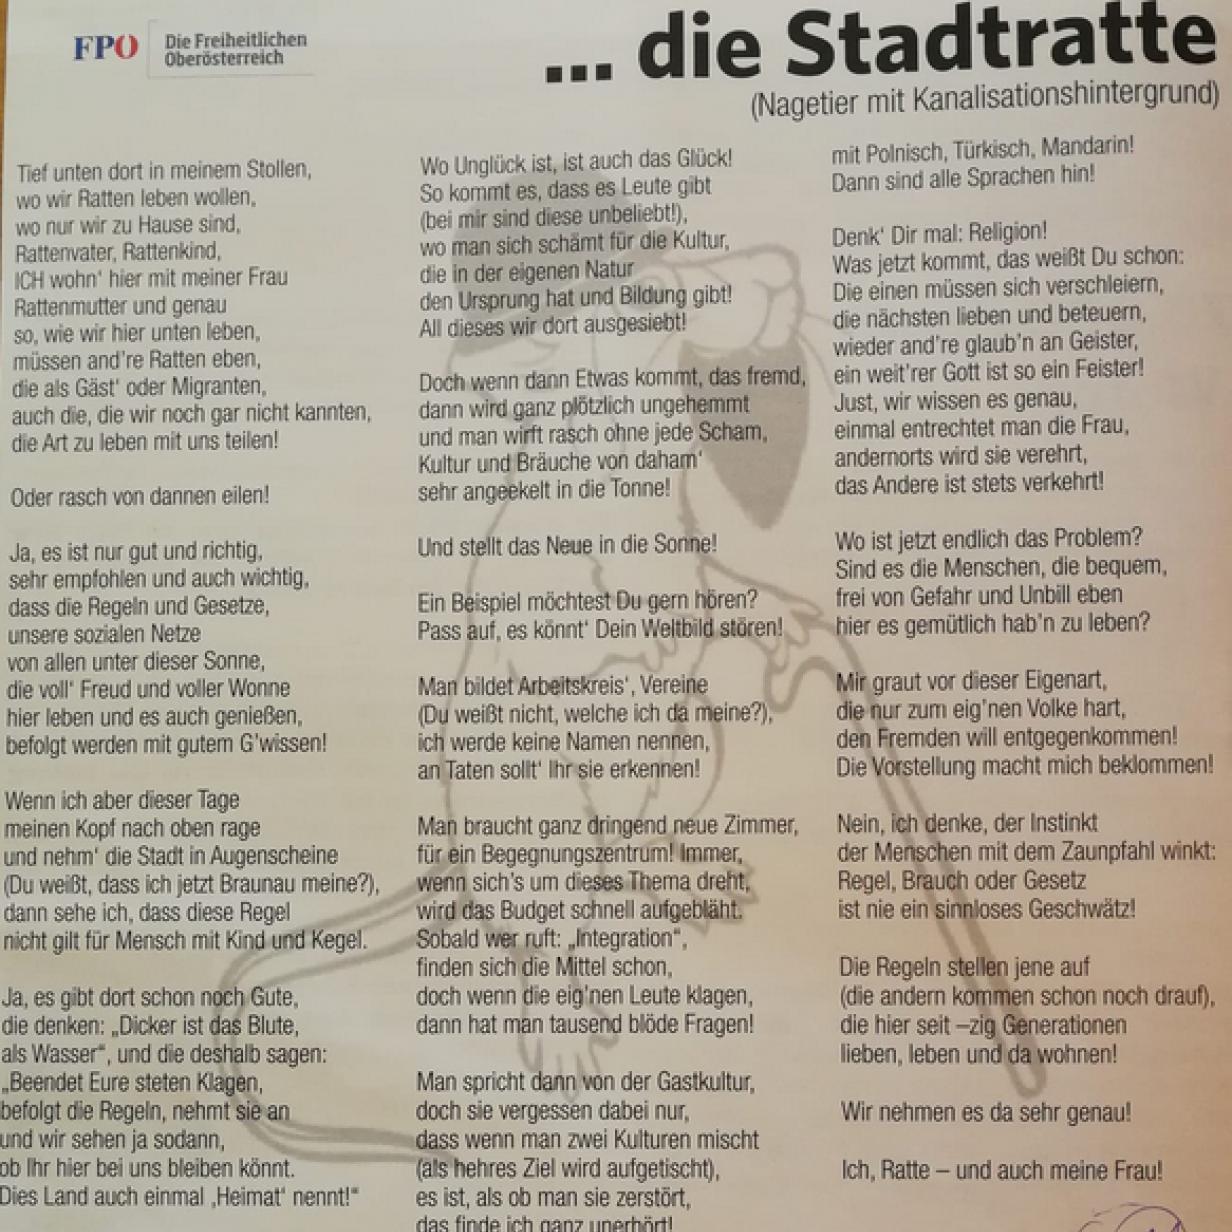 Ratten Gedicht Fpö Provoziert Mit Rechtem 2019 10 26